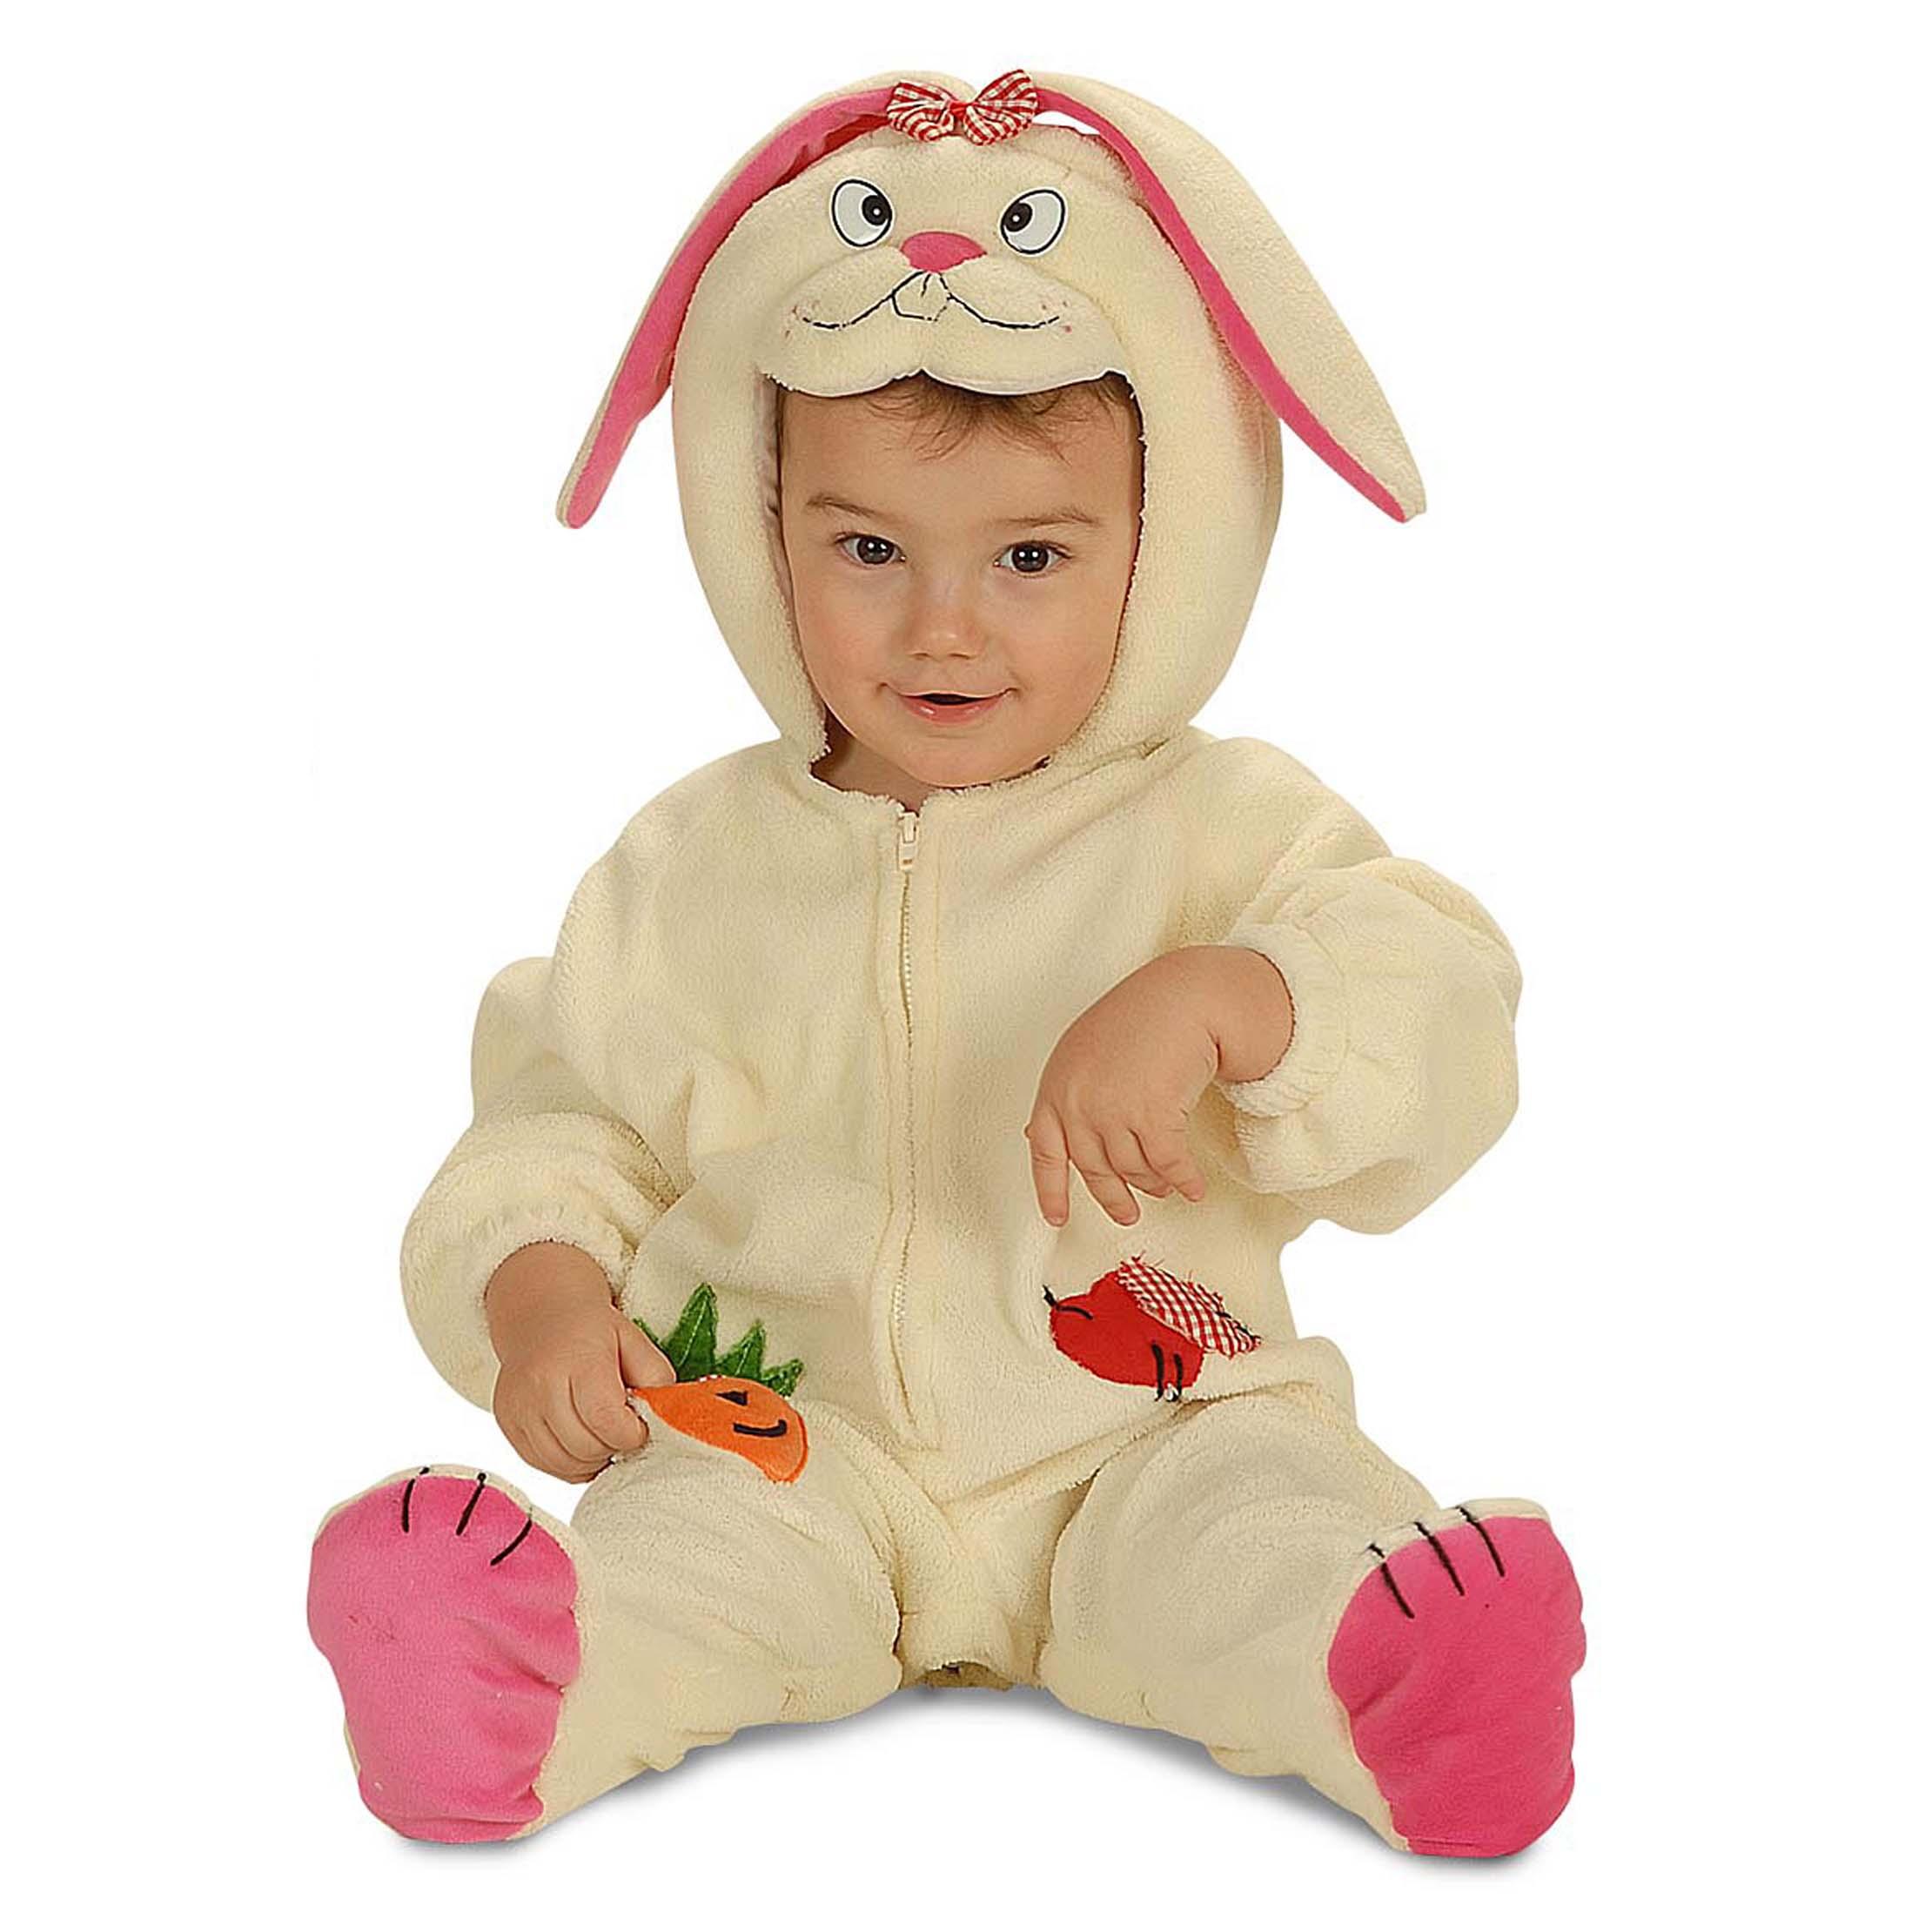 Disfraz conejito bebe ajilbabcom portal picture car - Como hacer un disfraz de bebe ...